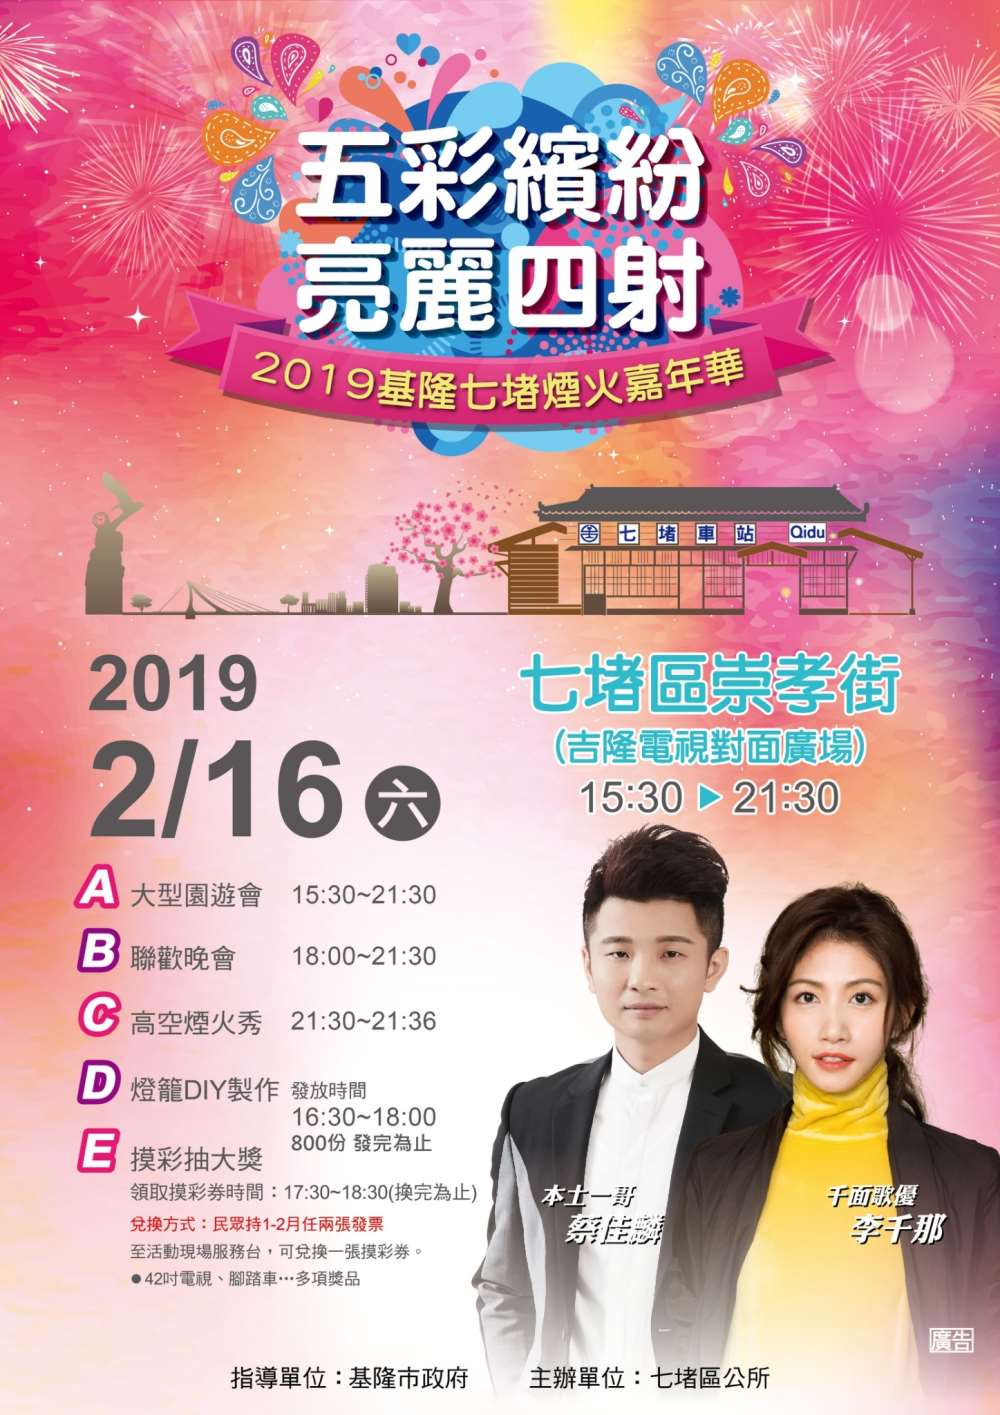 2019基隆七堵煙火嘉年華(基隆元宵燈會)